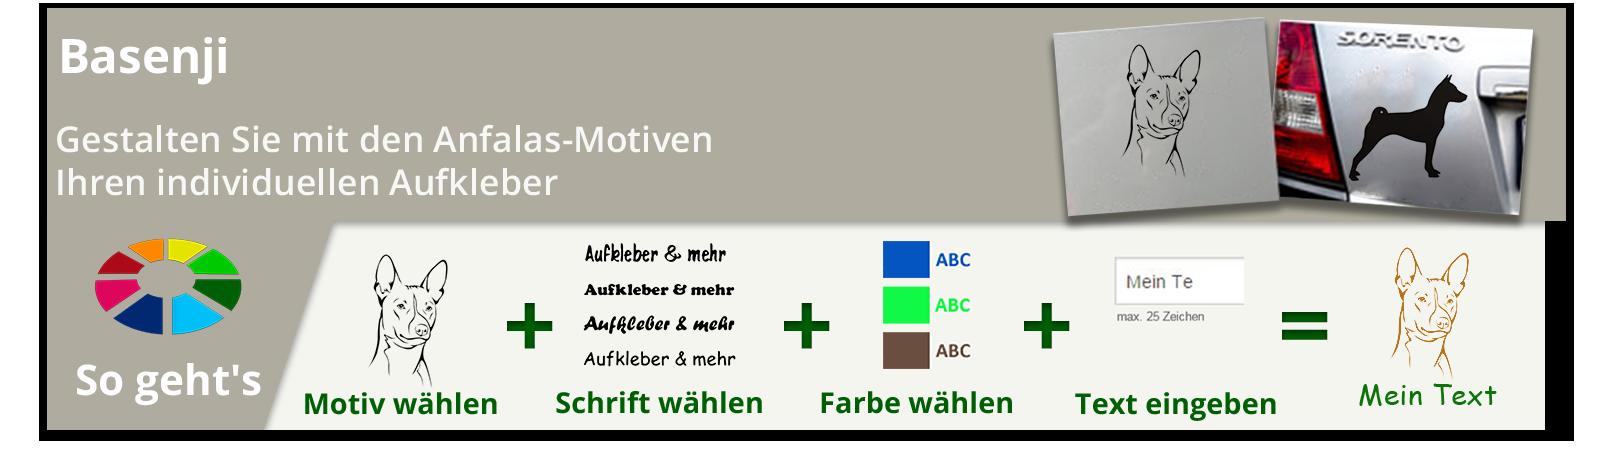 Basenji Aufkleber